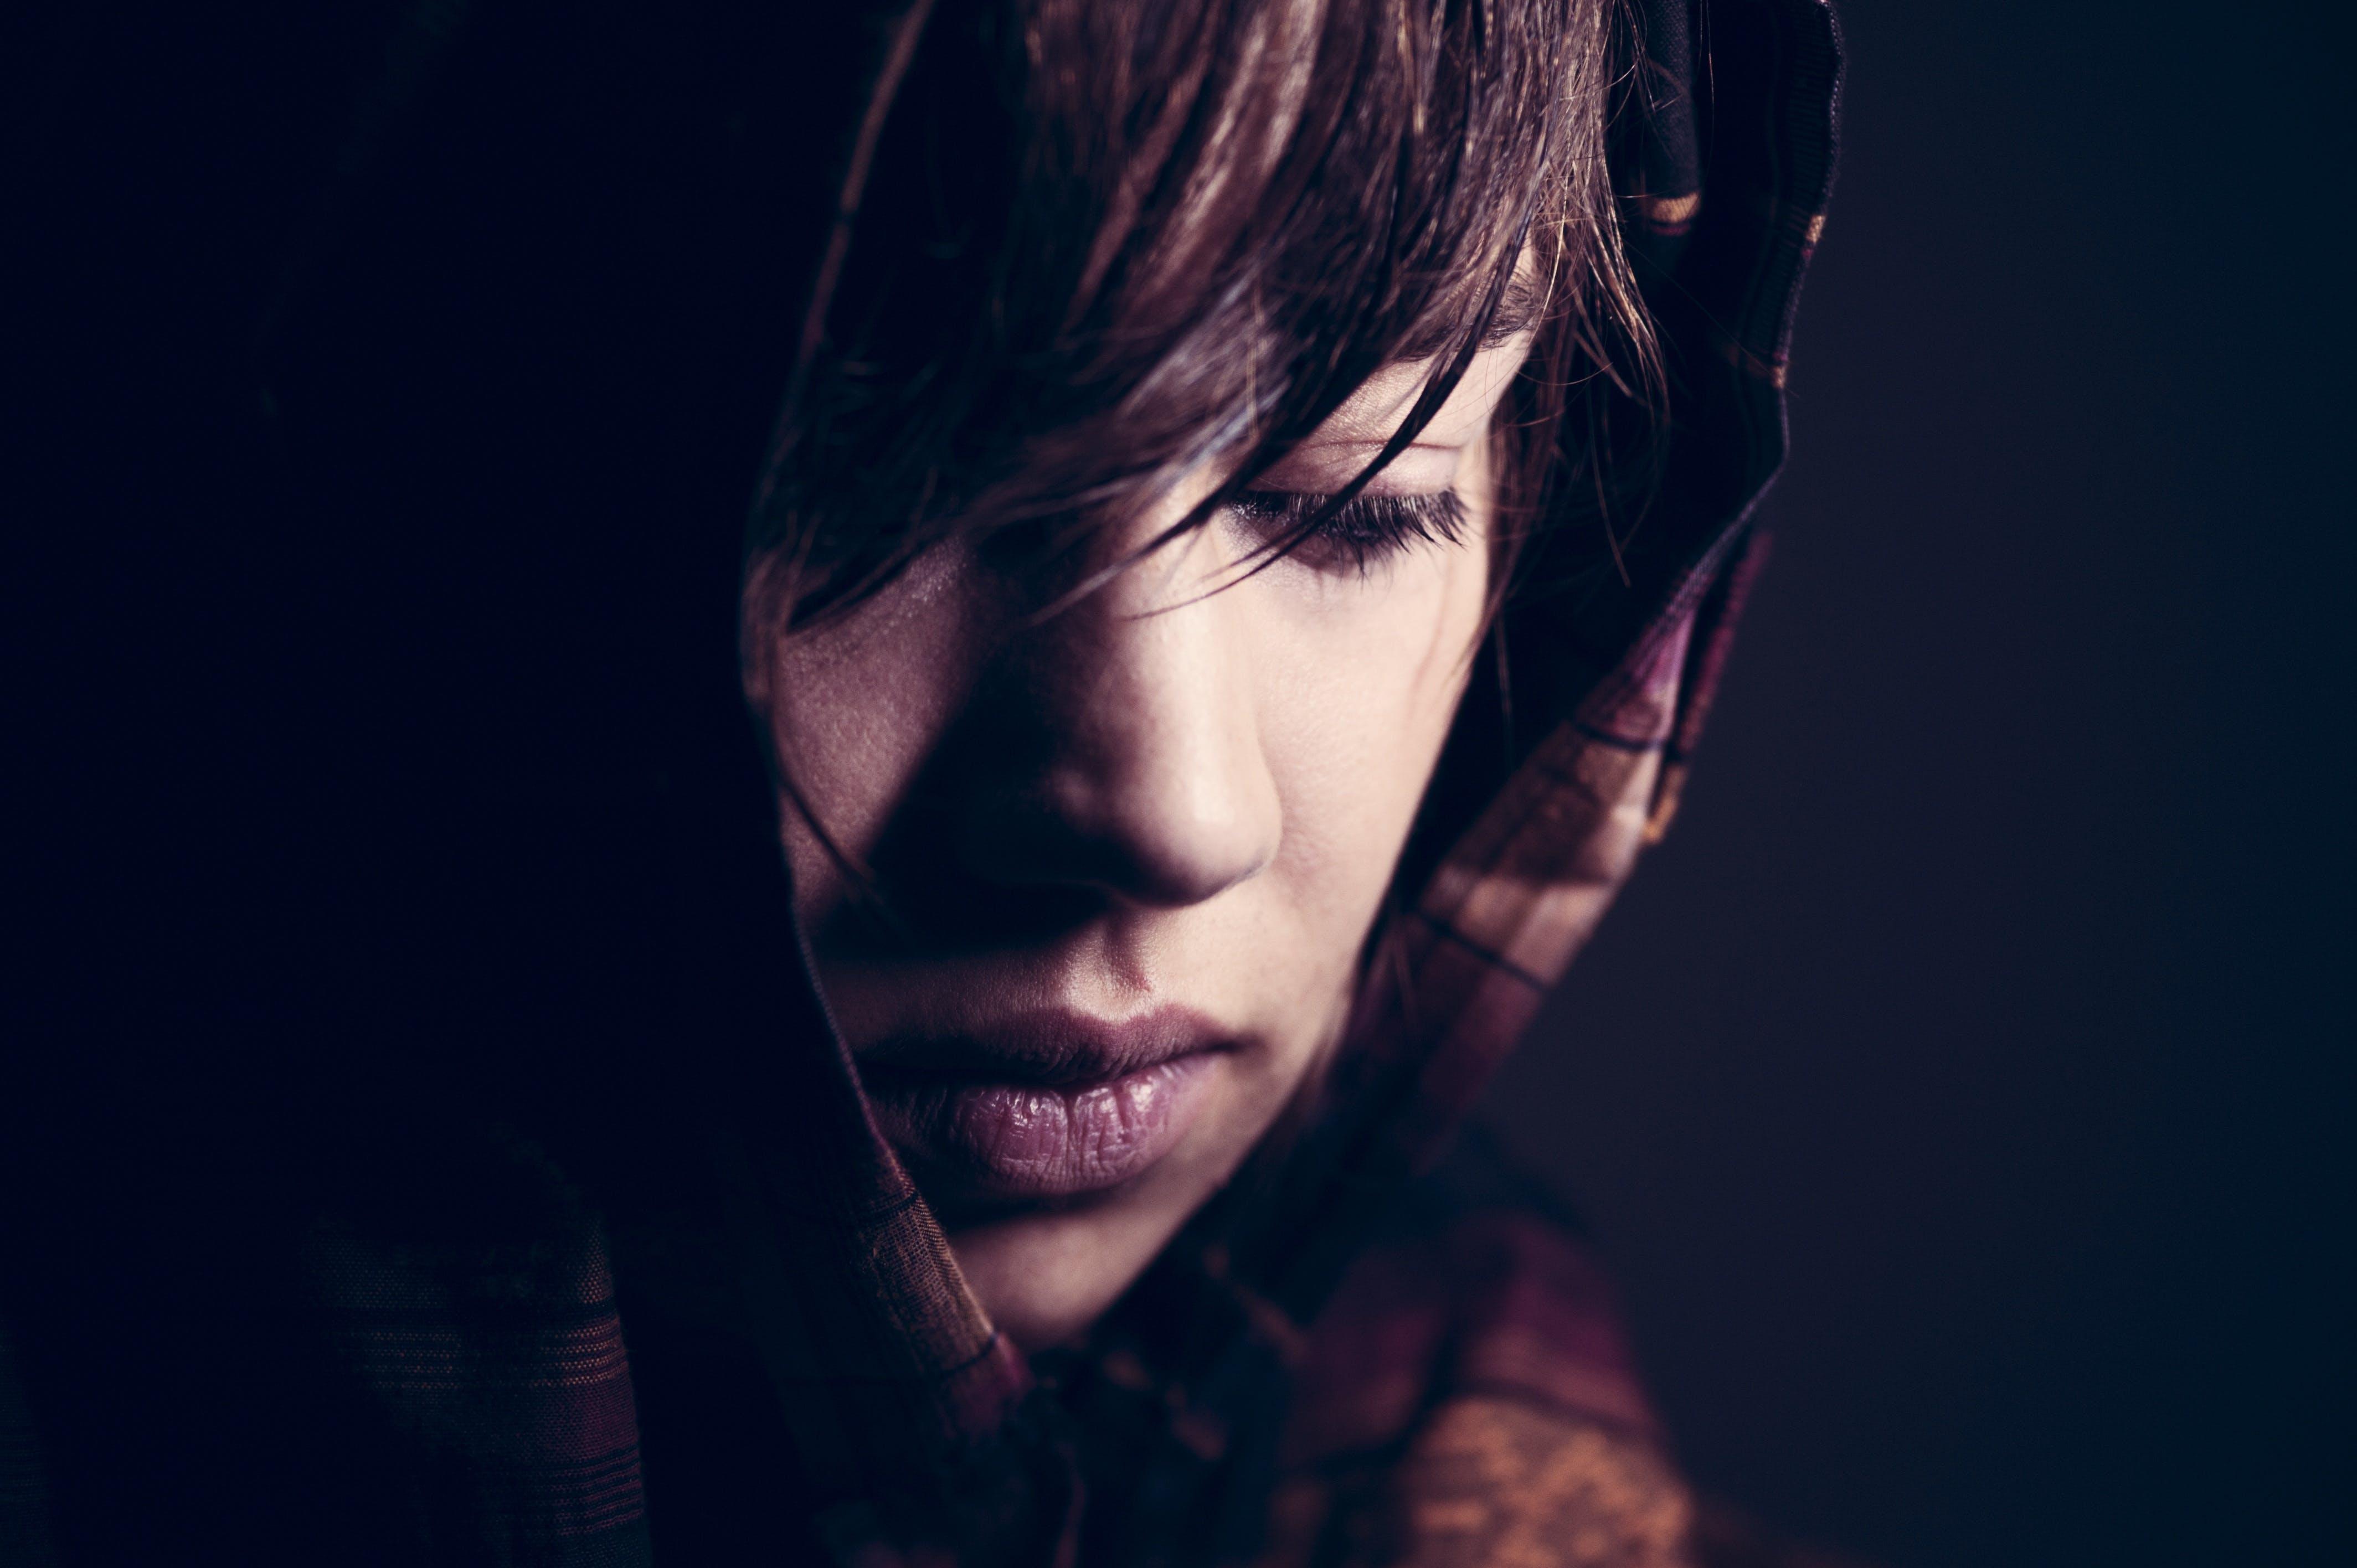 갈색 머리, 강렬한, 눈, 매력적인의 무료 스톡 사진